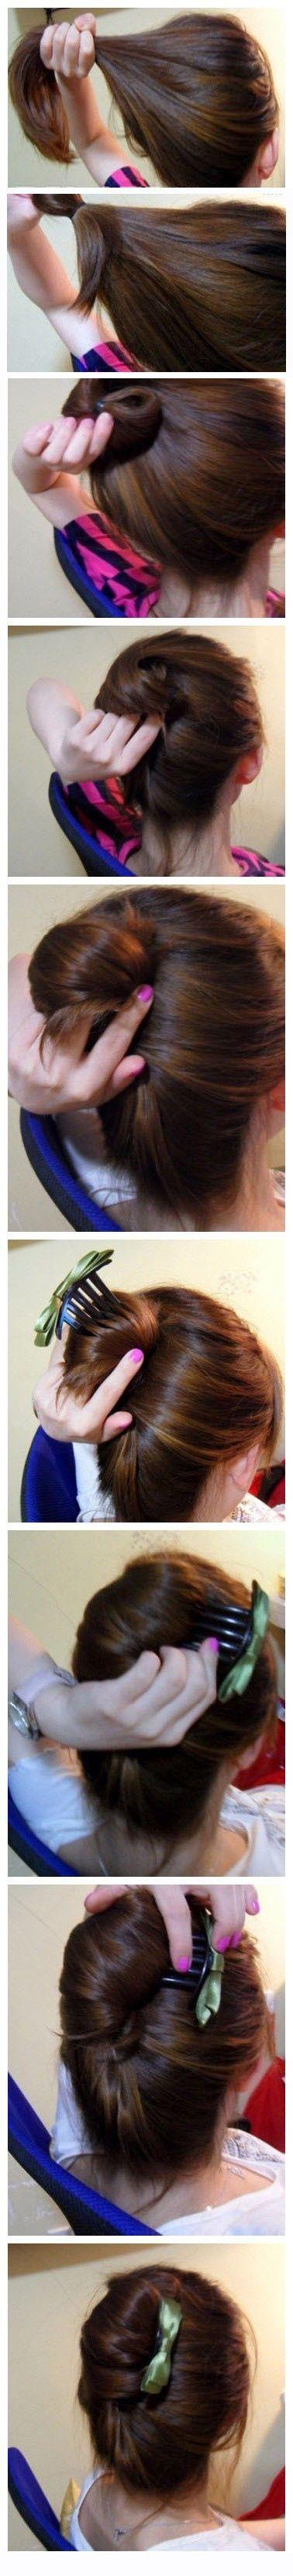 Up-Do hair-do